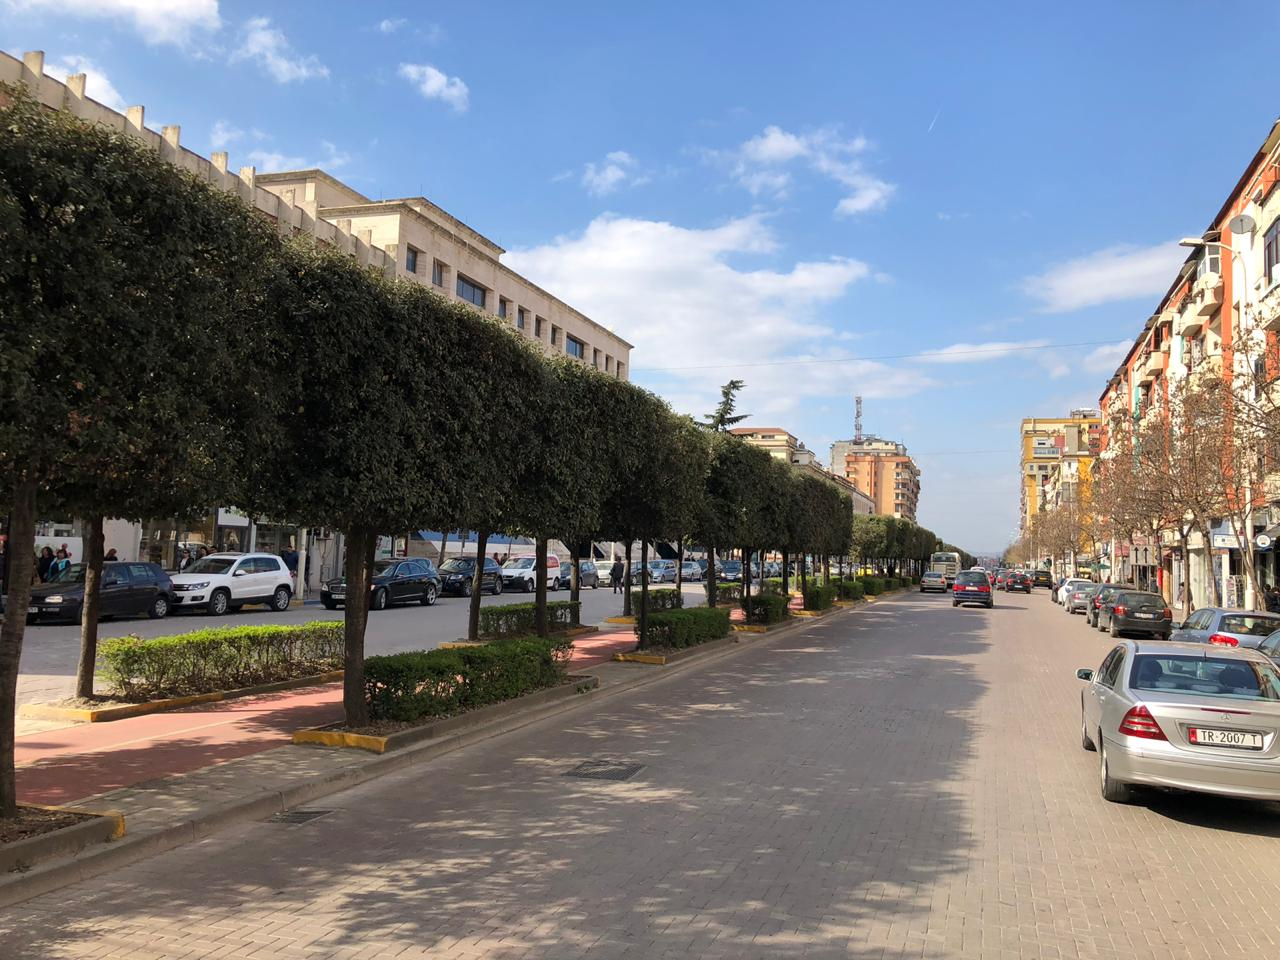 E përhershmja Fusha shpk do të do rindërtojë Bulevardin Zogu I